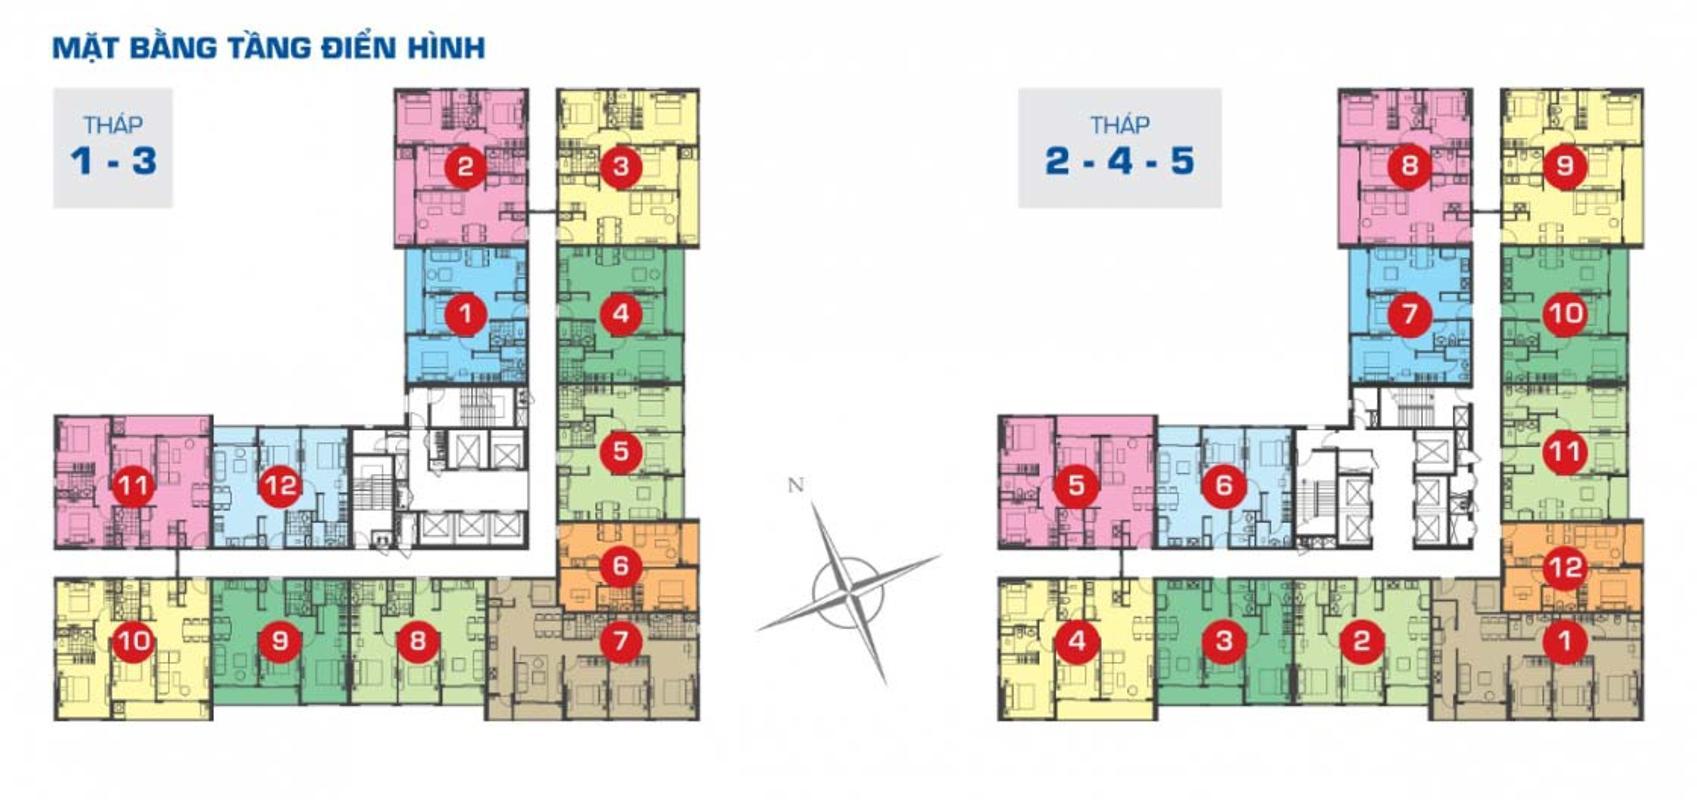 mat-bang-can-ho-the-sun-avenue00006-e1541560881759 Cho thuê căn hộ The Sun Avenue 1 phòng ngủ, block 3, diện tích 55m2